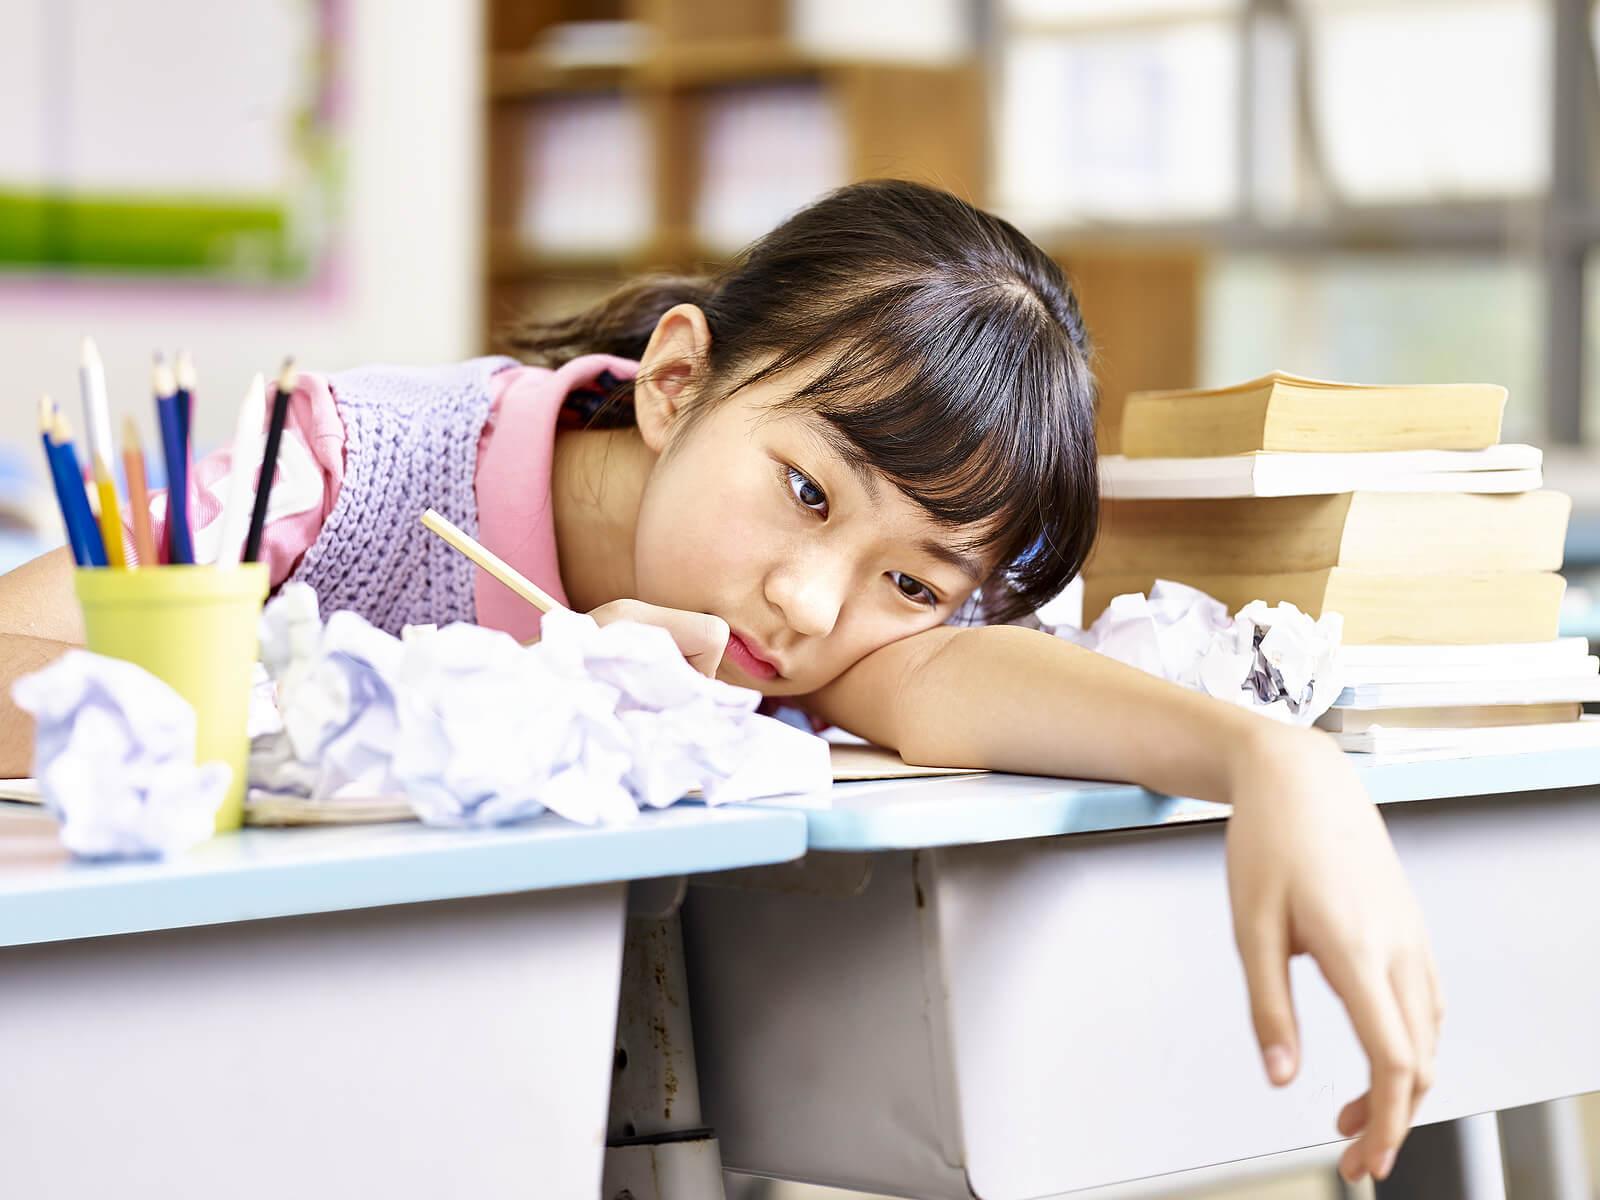 Niña sentada en el pupitre de la escuela sin motivación por aprender.